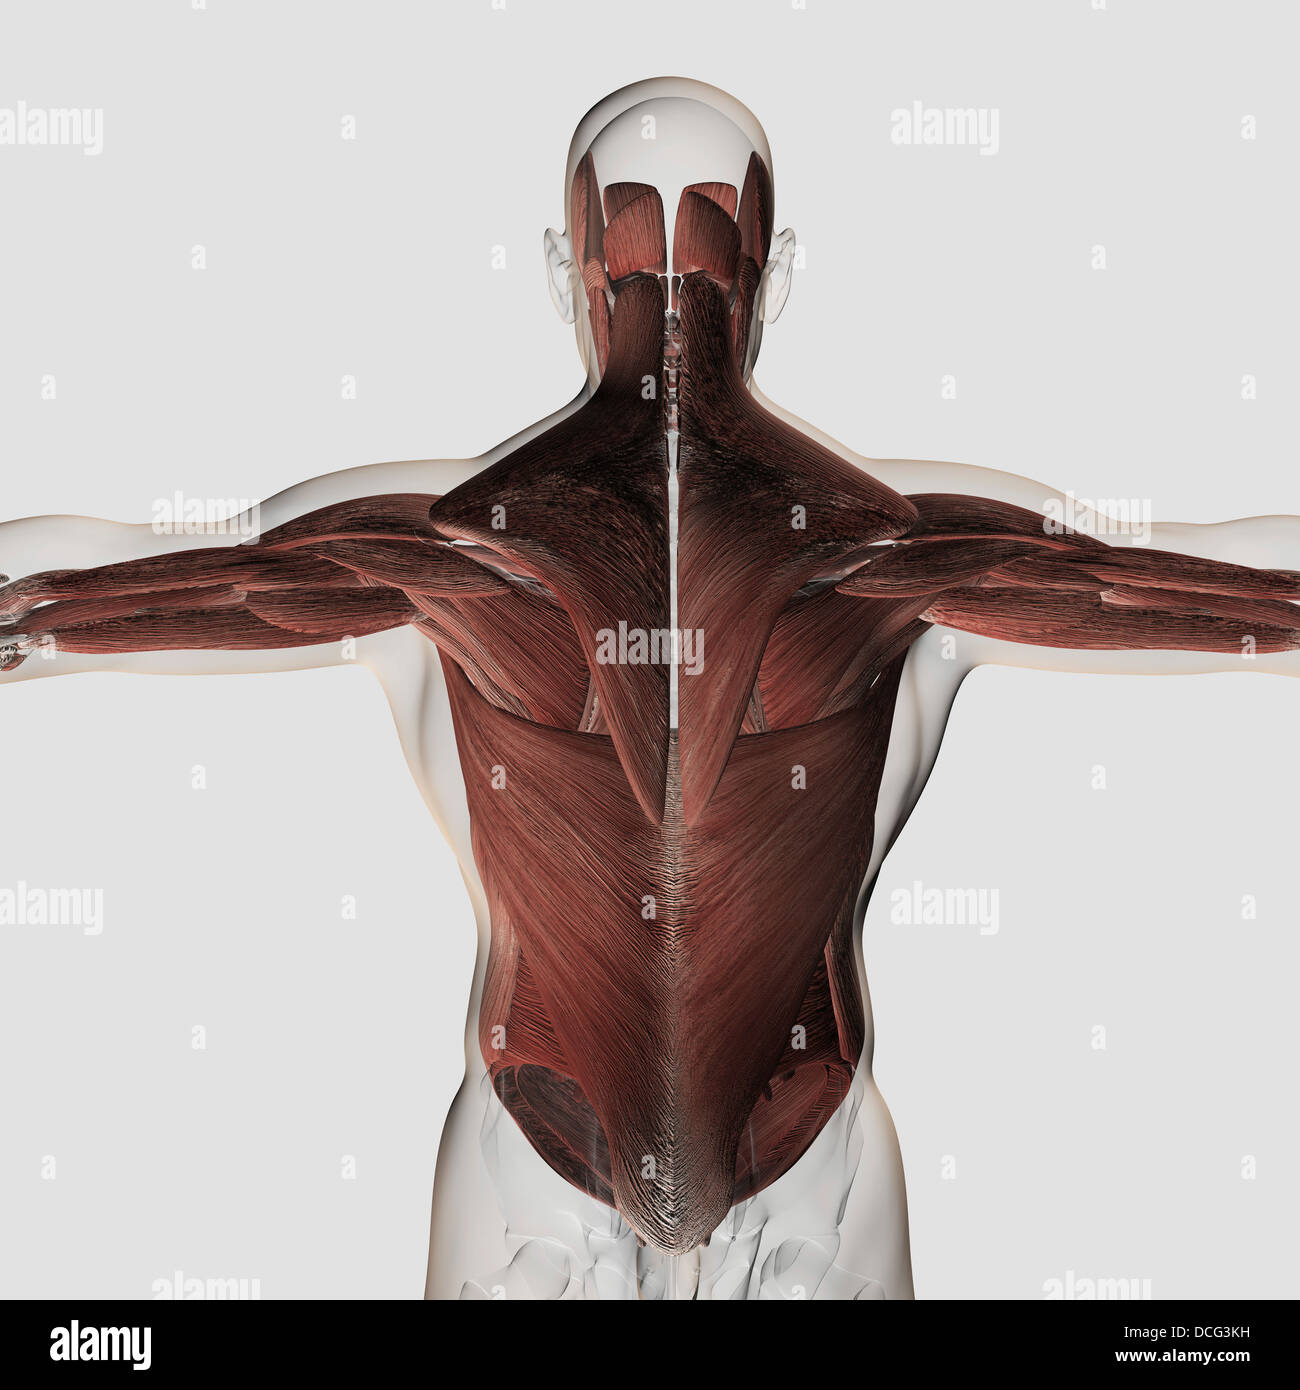 Músculo masculina Anatomía de la espalda humana Foto & Imagen De ...